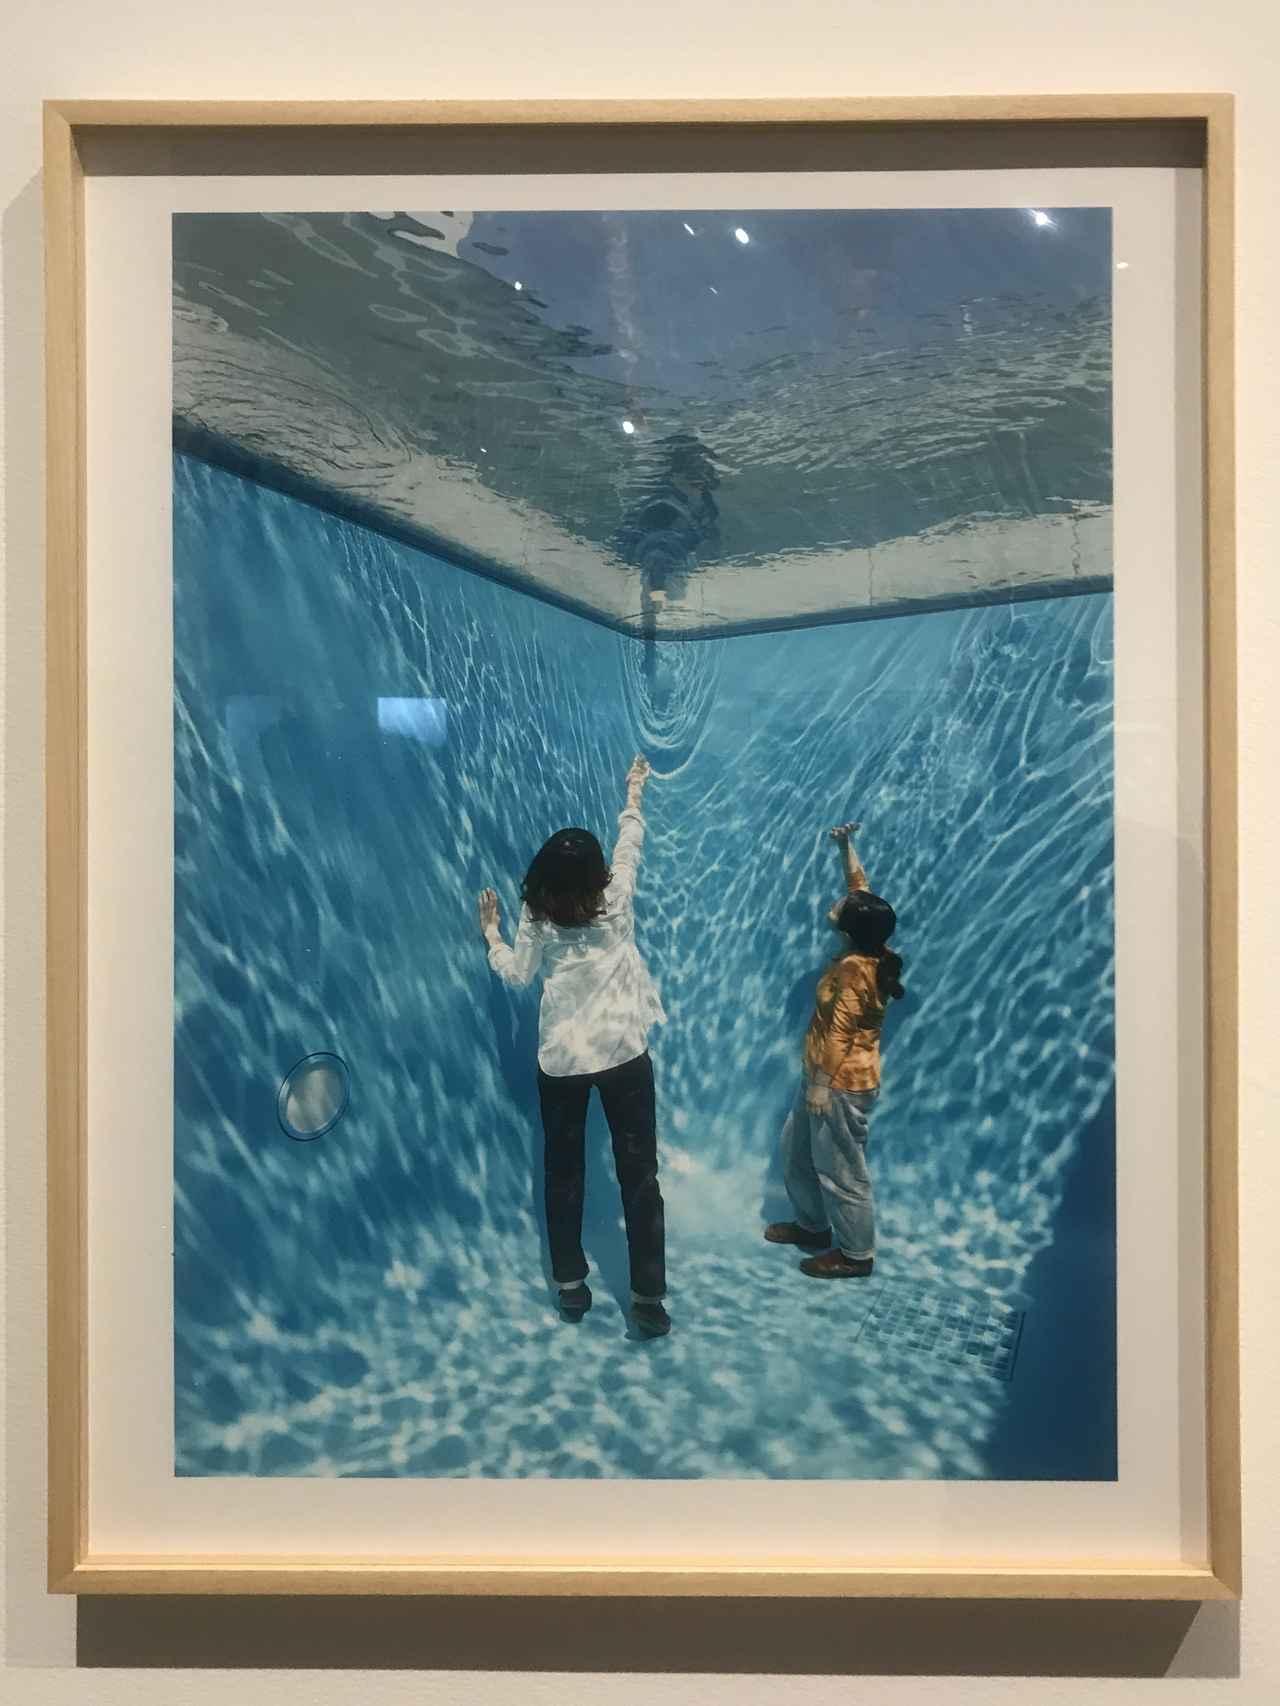 画像: 《スイミング・プール [記録写真]》 Documentation Photography of The Swimming Pool 2014 インクジェットプリント| Inkjet print 85.3 × 60.3 cm 写真:木奥恵三| Photo: Kioku Keizo 画像提供:金沢21 世紀美術館 Photo Courtesy: 21st Century Museum of Contemporary Art, Kanazawa photo©cinefil:ms